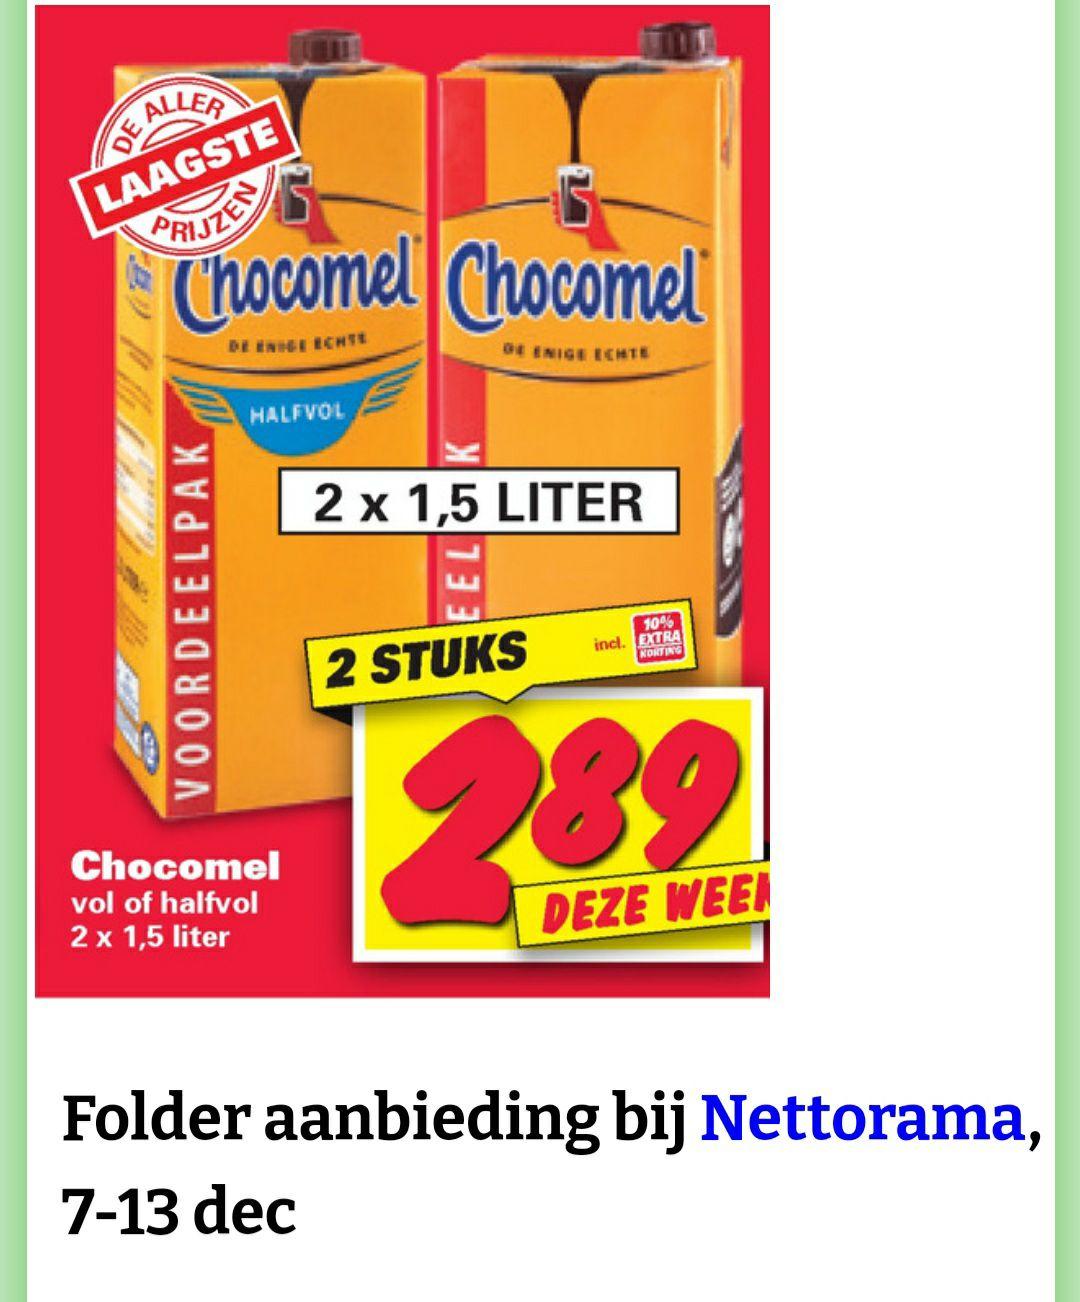 2x 1,5 liter Chocomel €2,89 @Nettorama